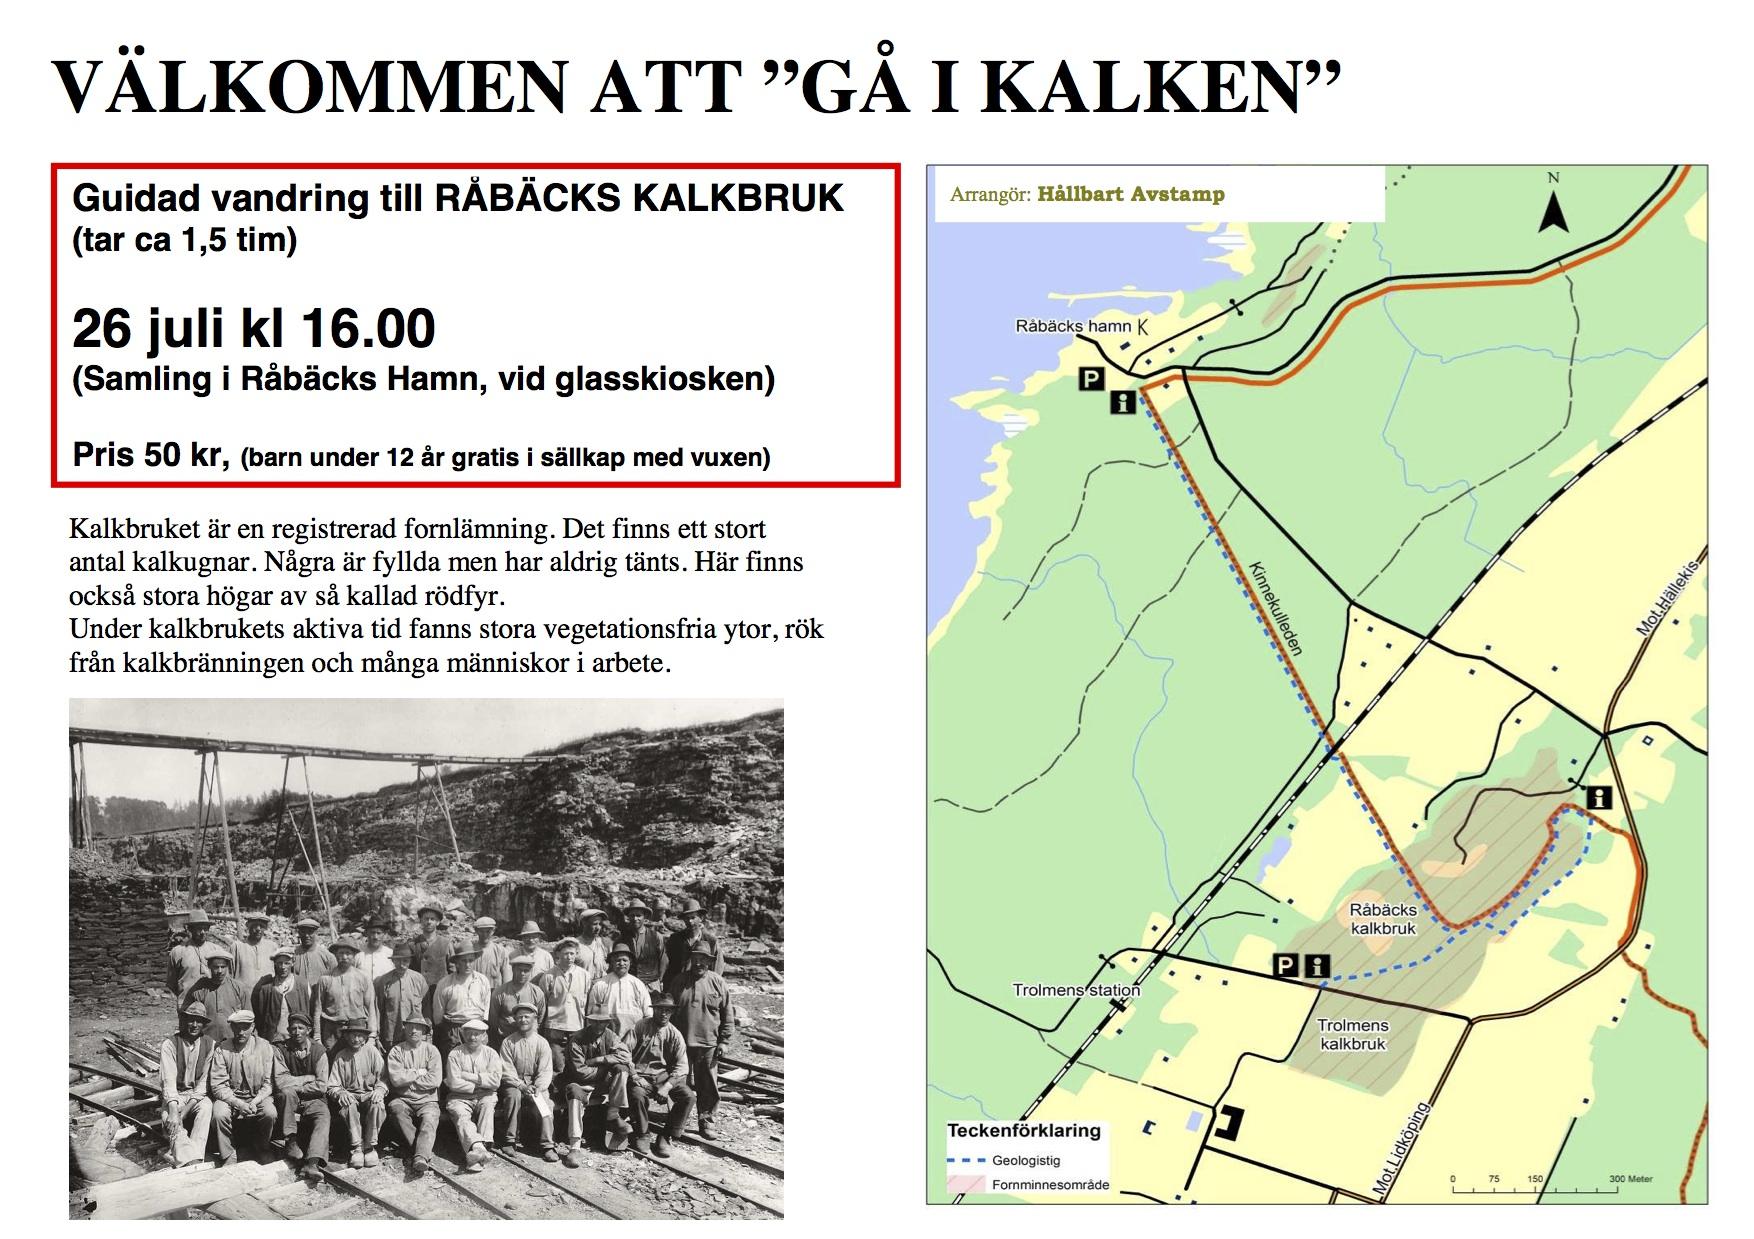 Guidad vandring till Råbäcks kalkbruk